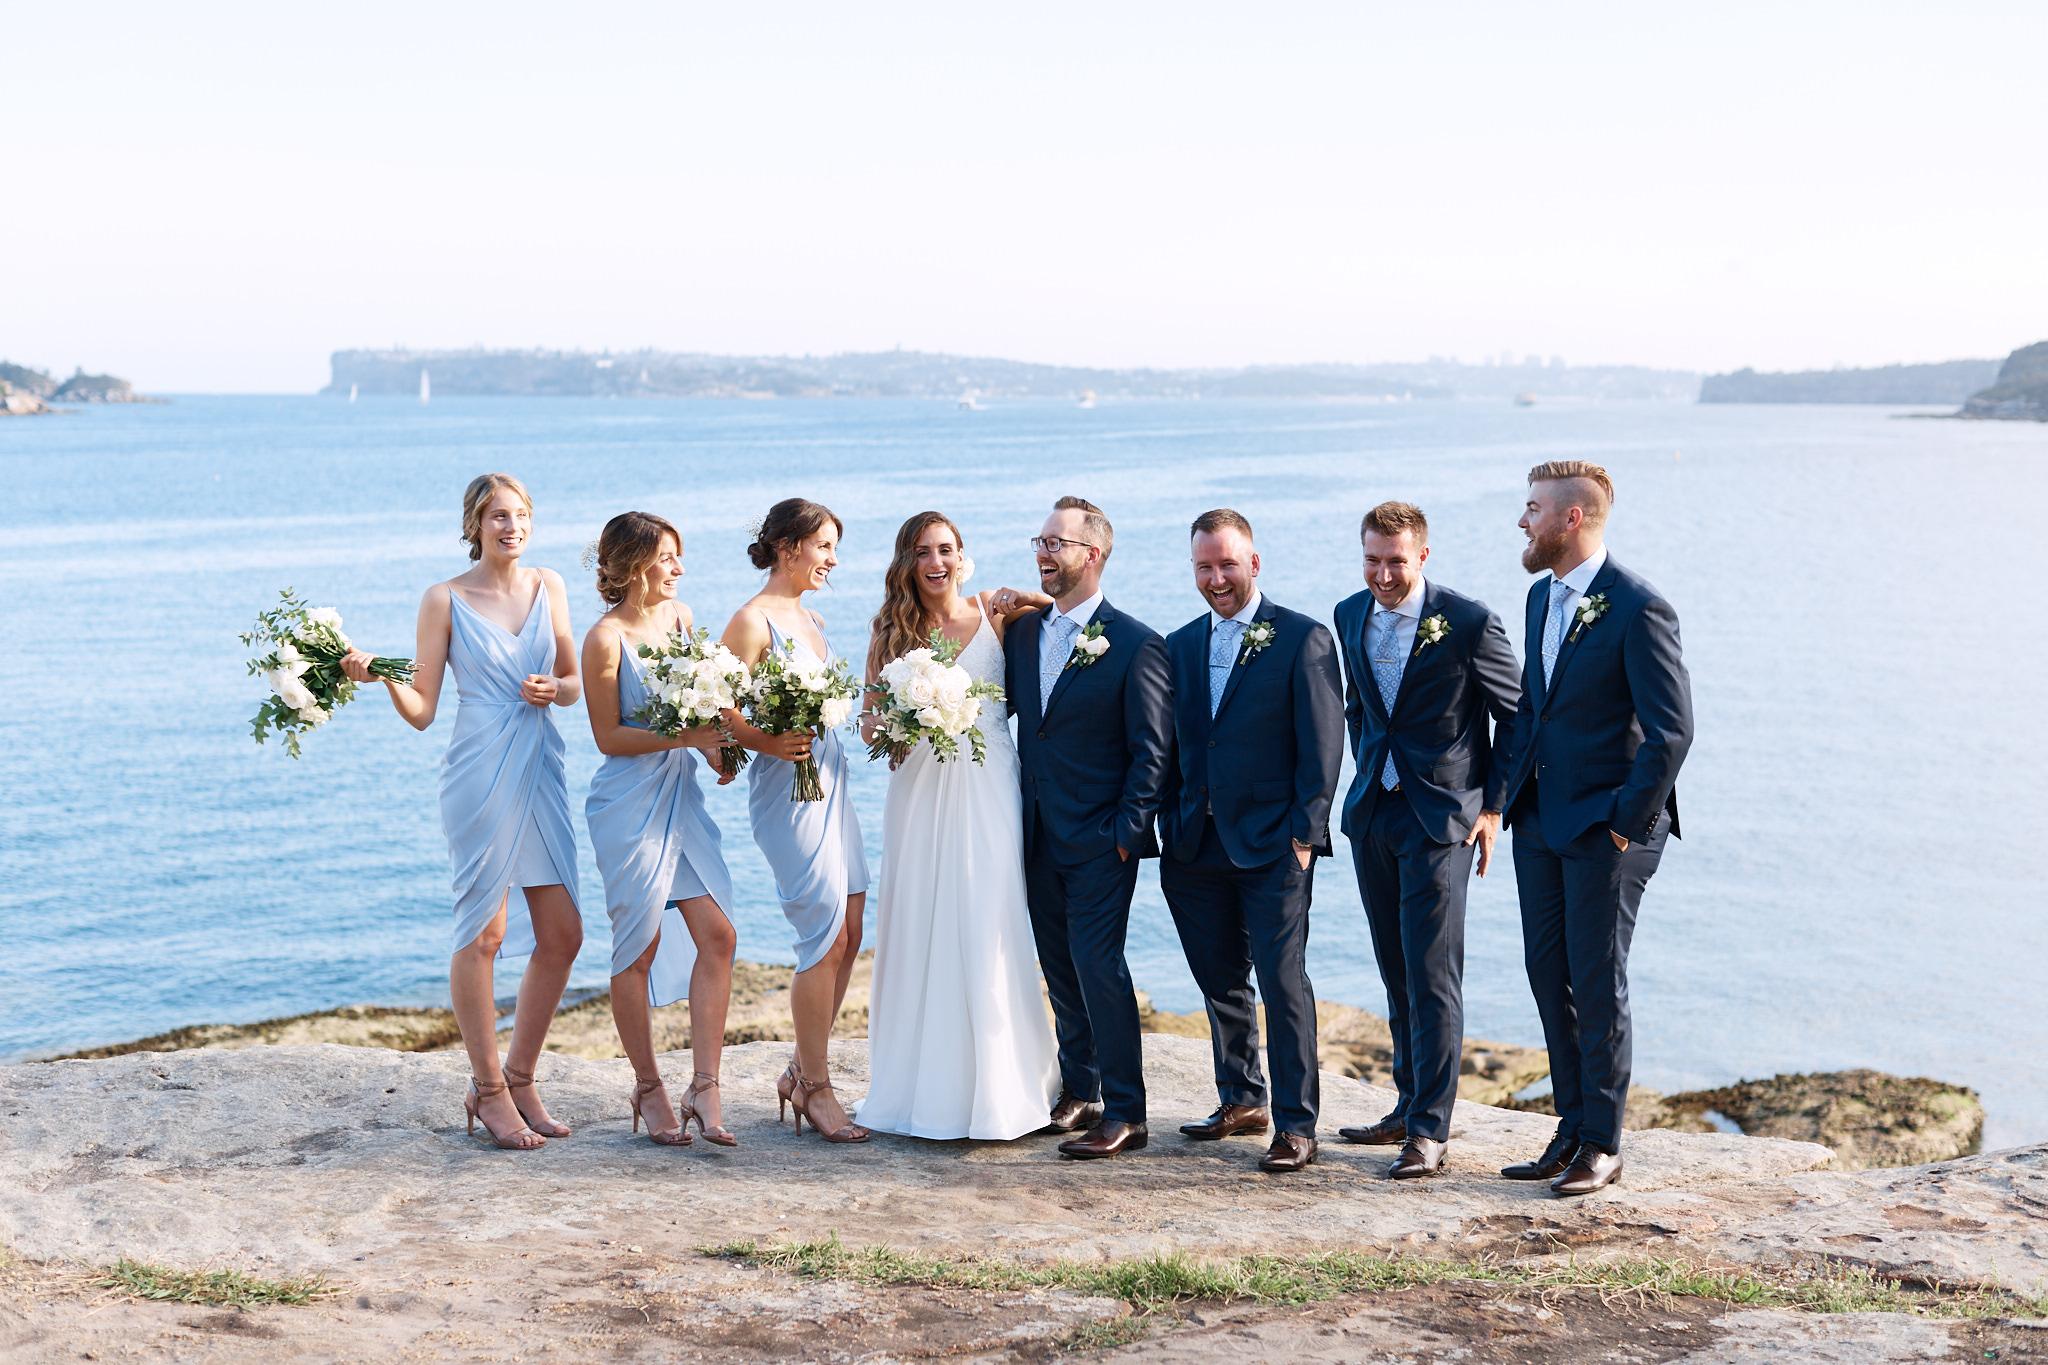 Bridal party laughing by ocean.jpg